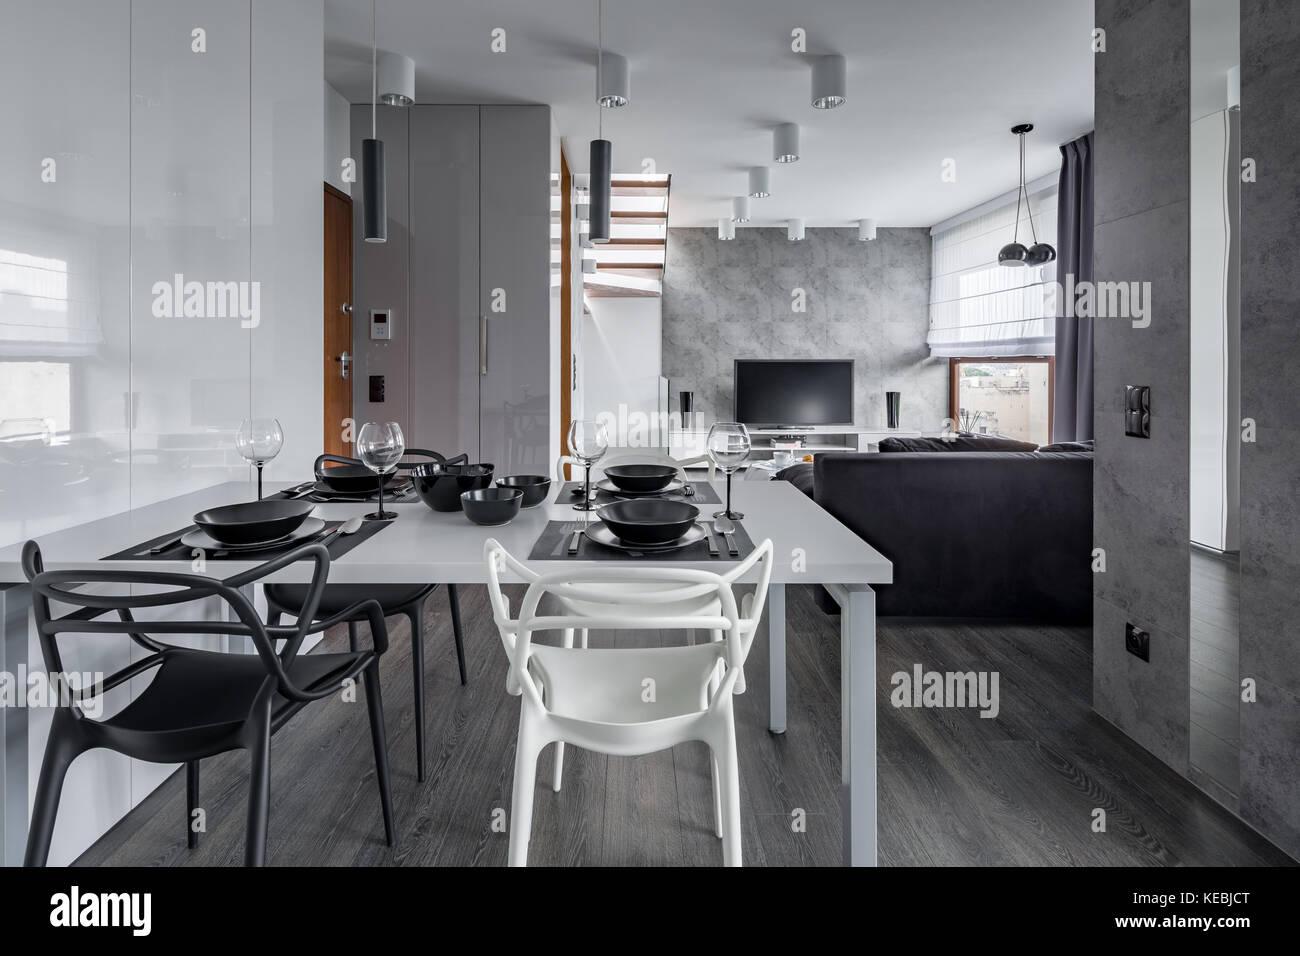 Maison moderne avec intérieur blanc, noir de la table et chaises ...